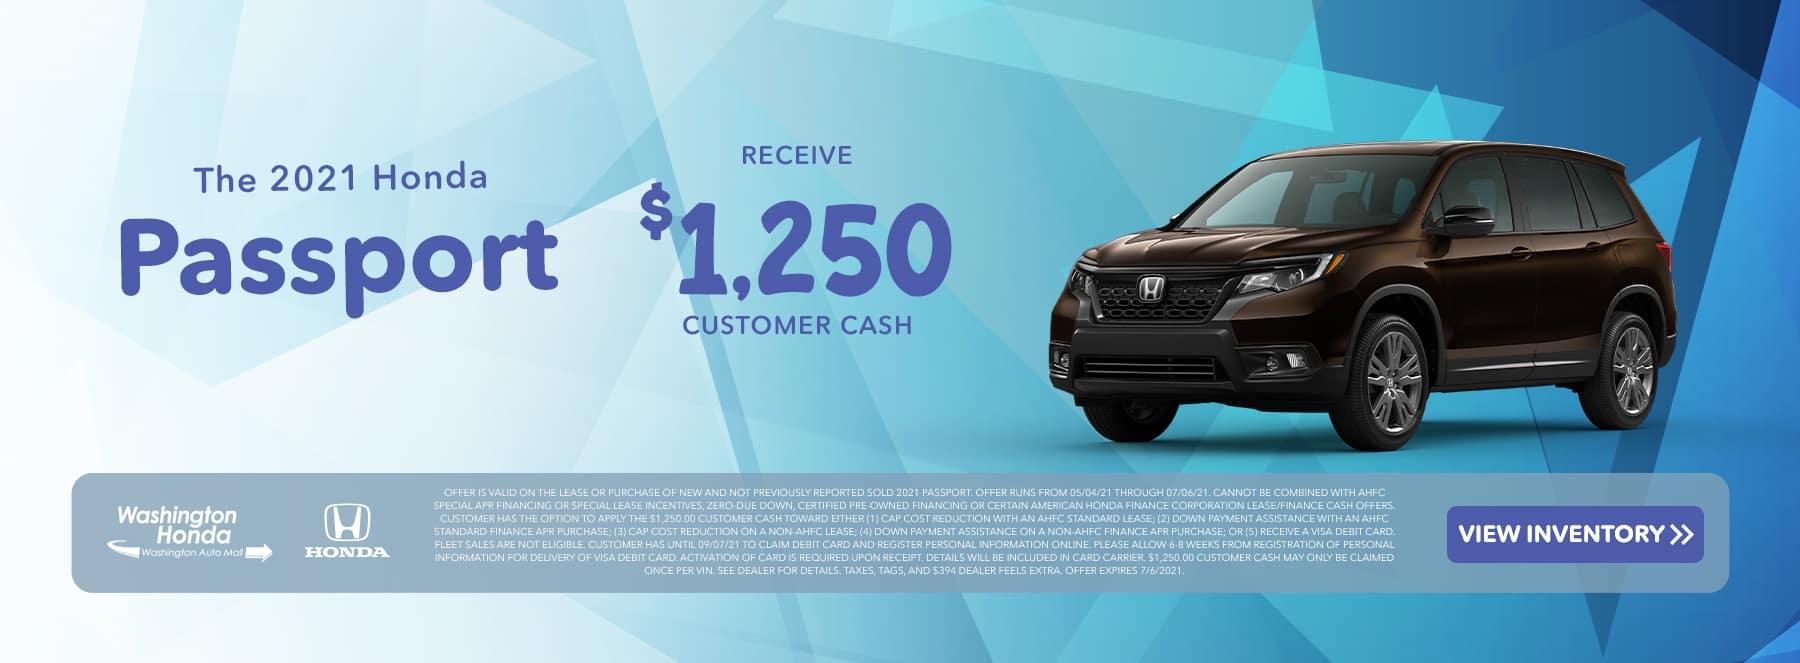 The 2021 Honda Passport Receive $1,250 Customer Cash